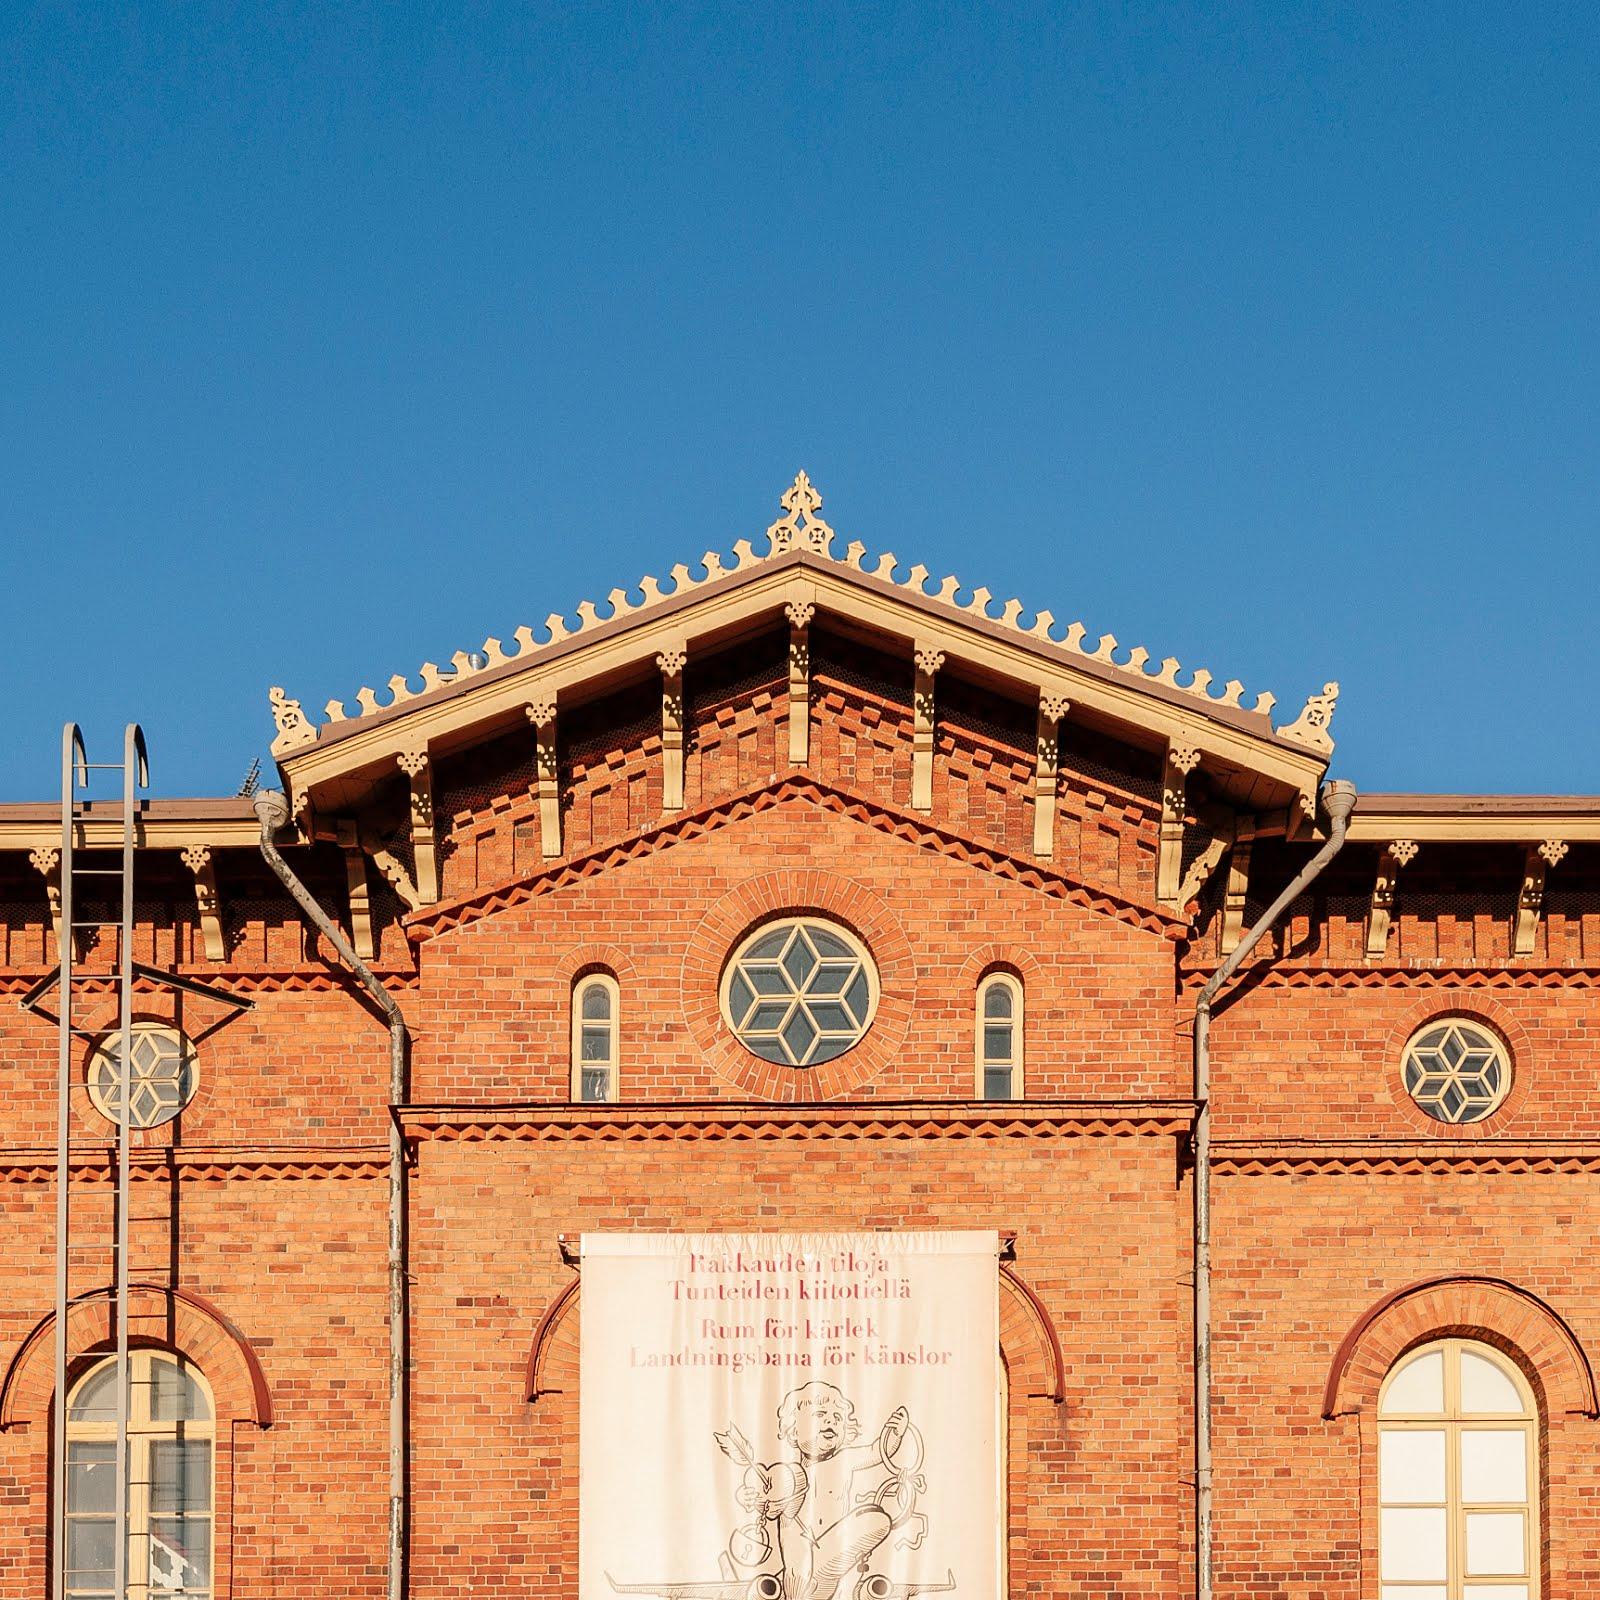 Vantaan kaupunginmuseo